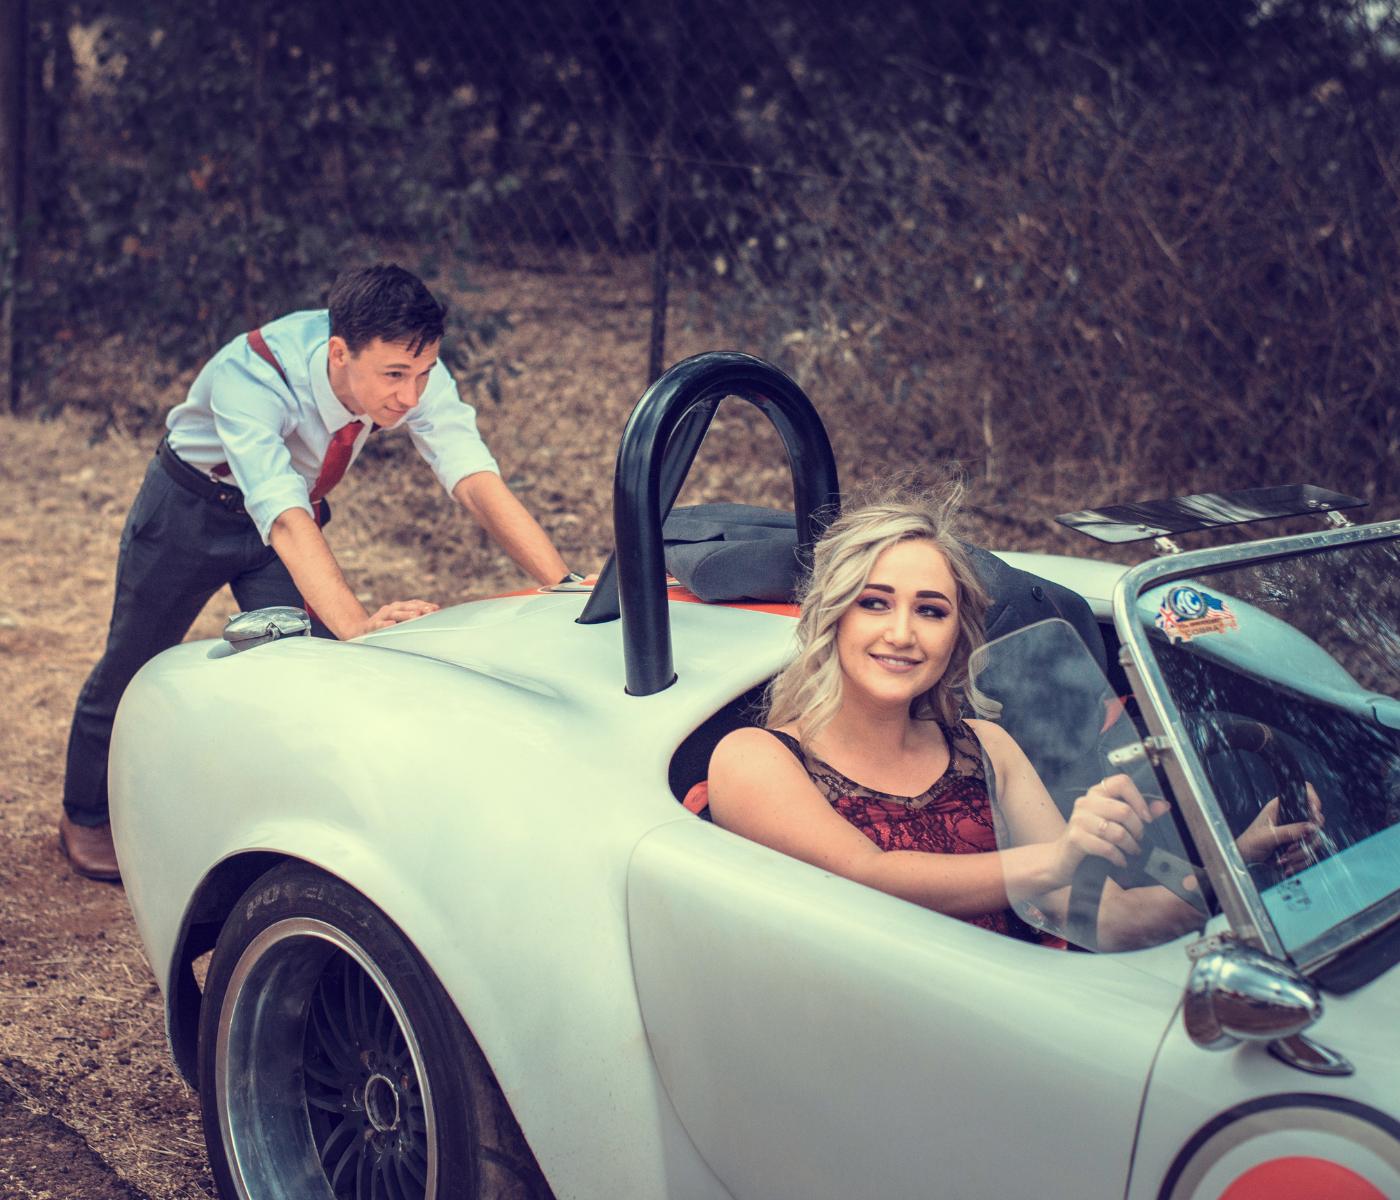 man pushing a car with women inside